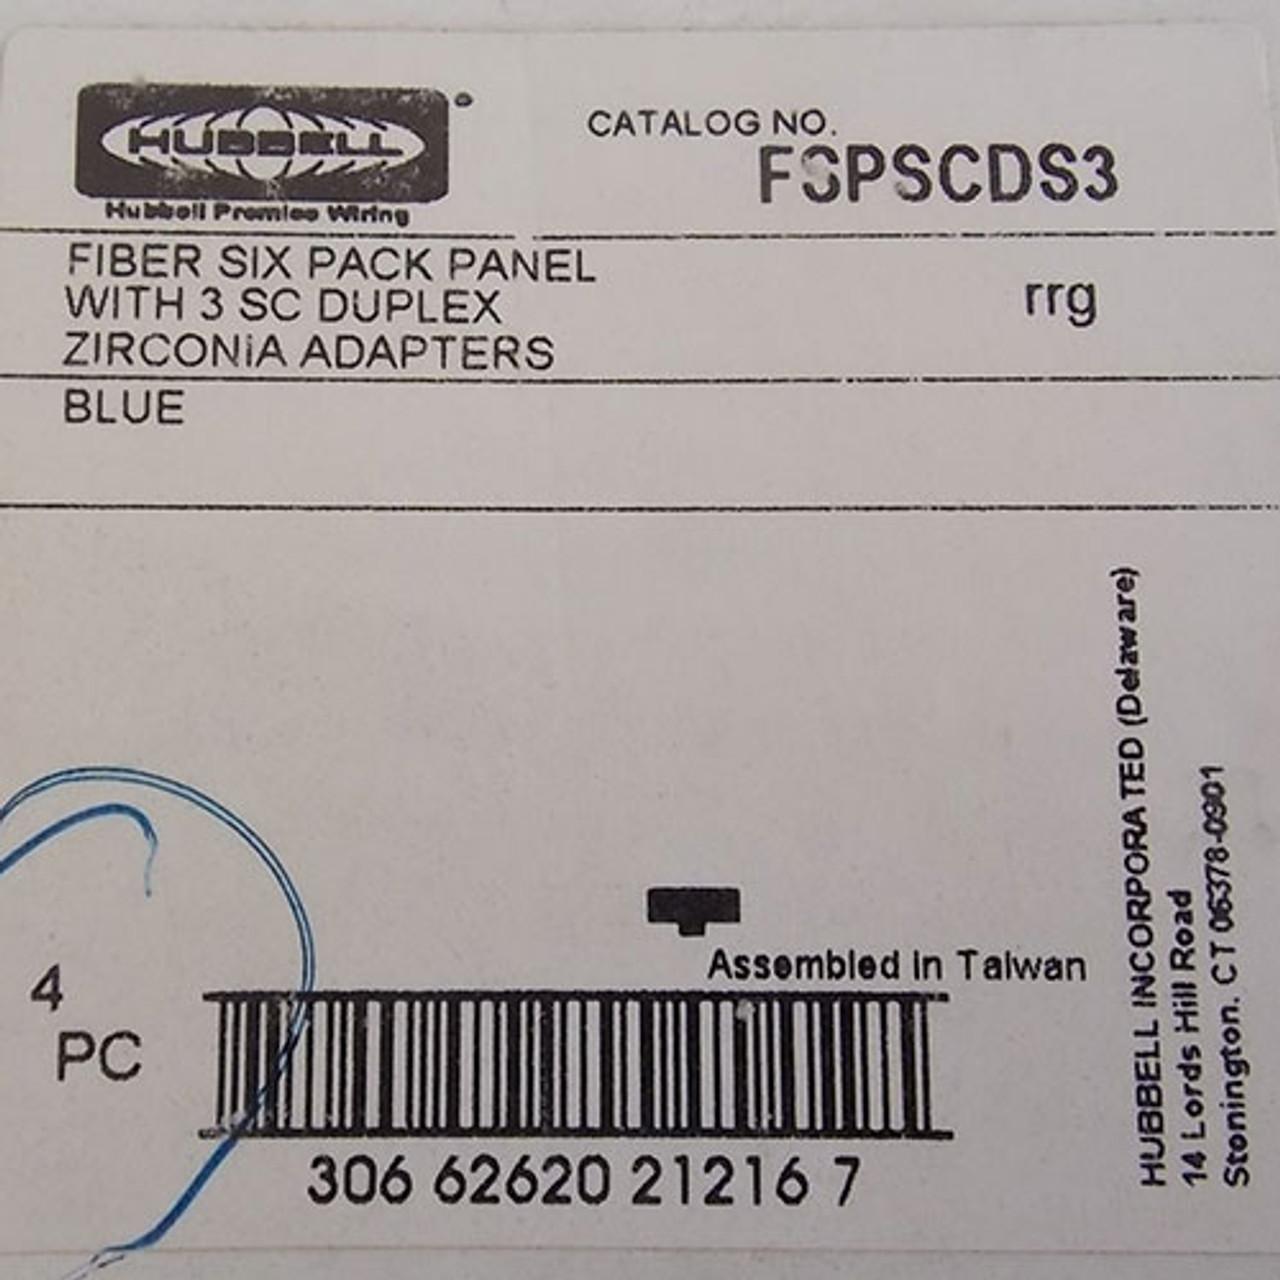 Hubbell FSPSCDS3 Blue 6 Fiber Pack Panel w/3 SC Duplex Zirconia Adapter - New